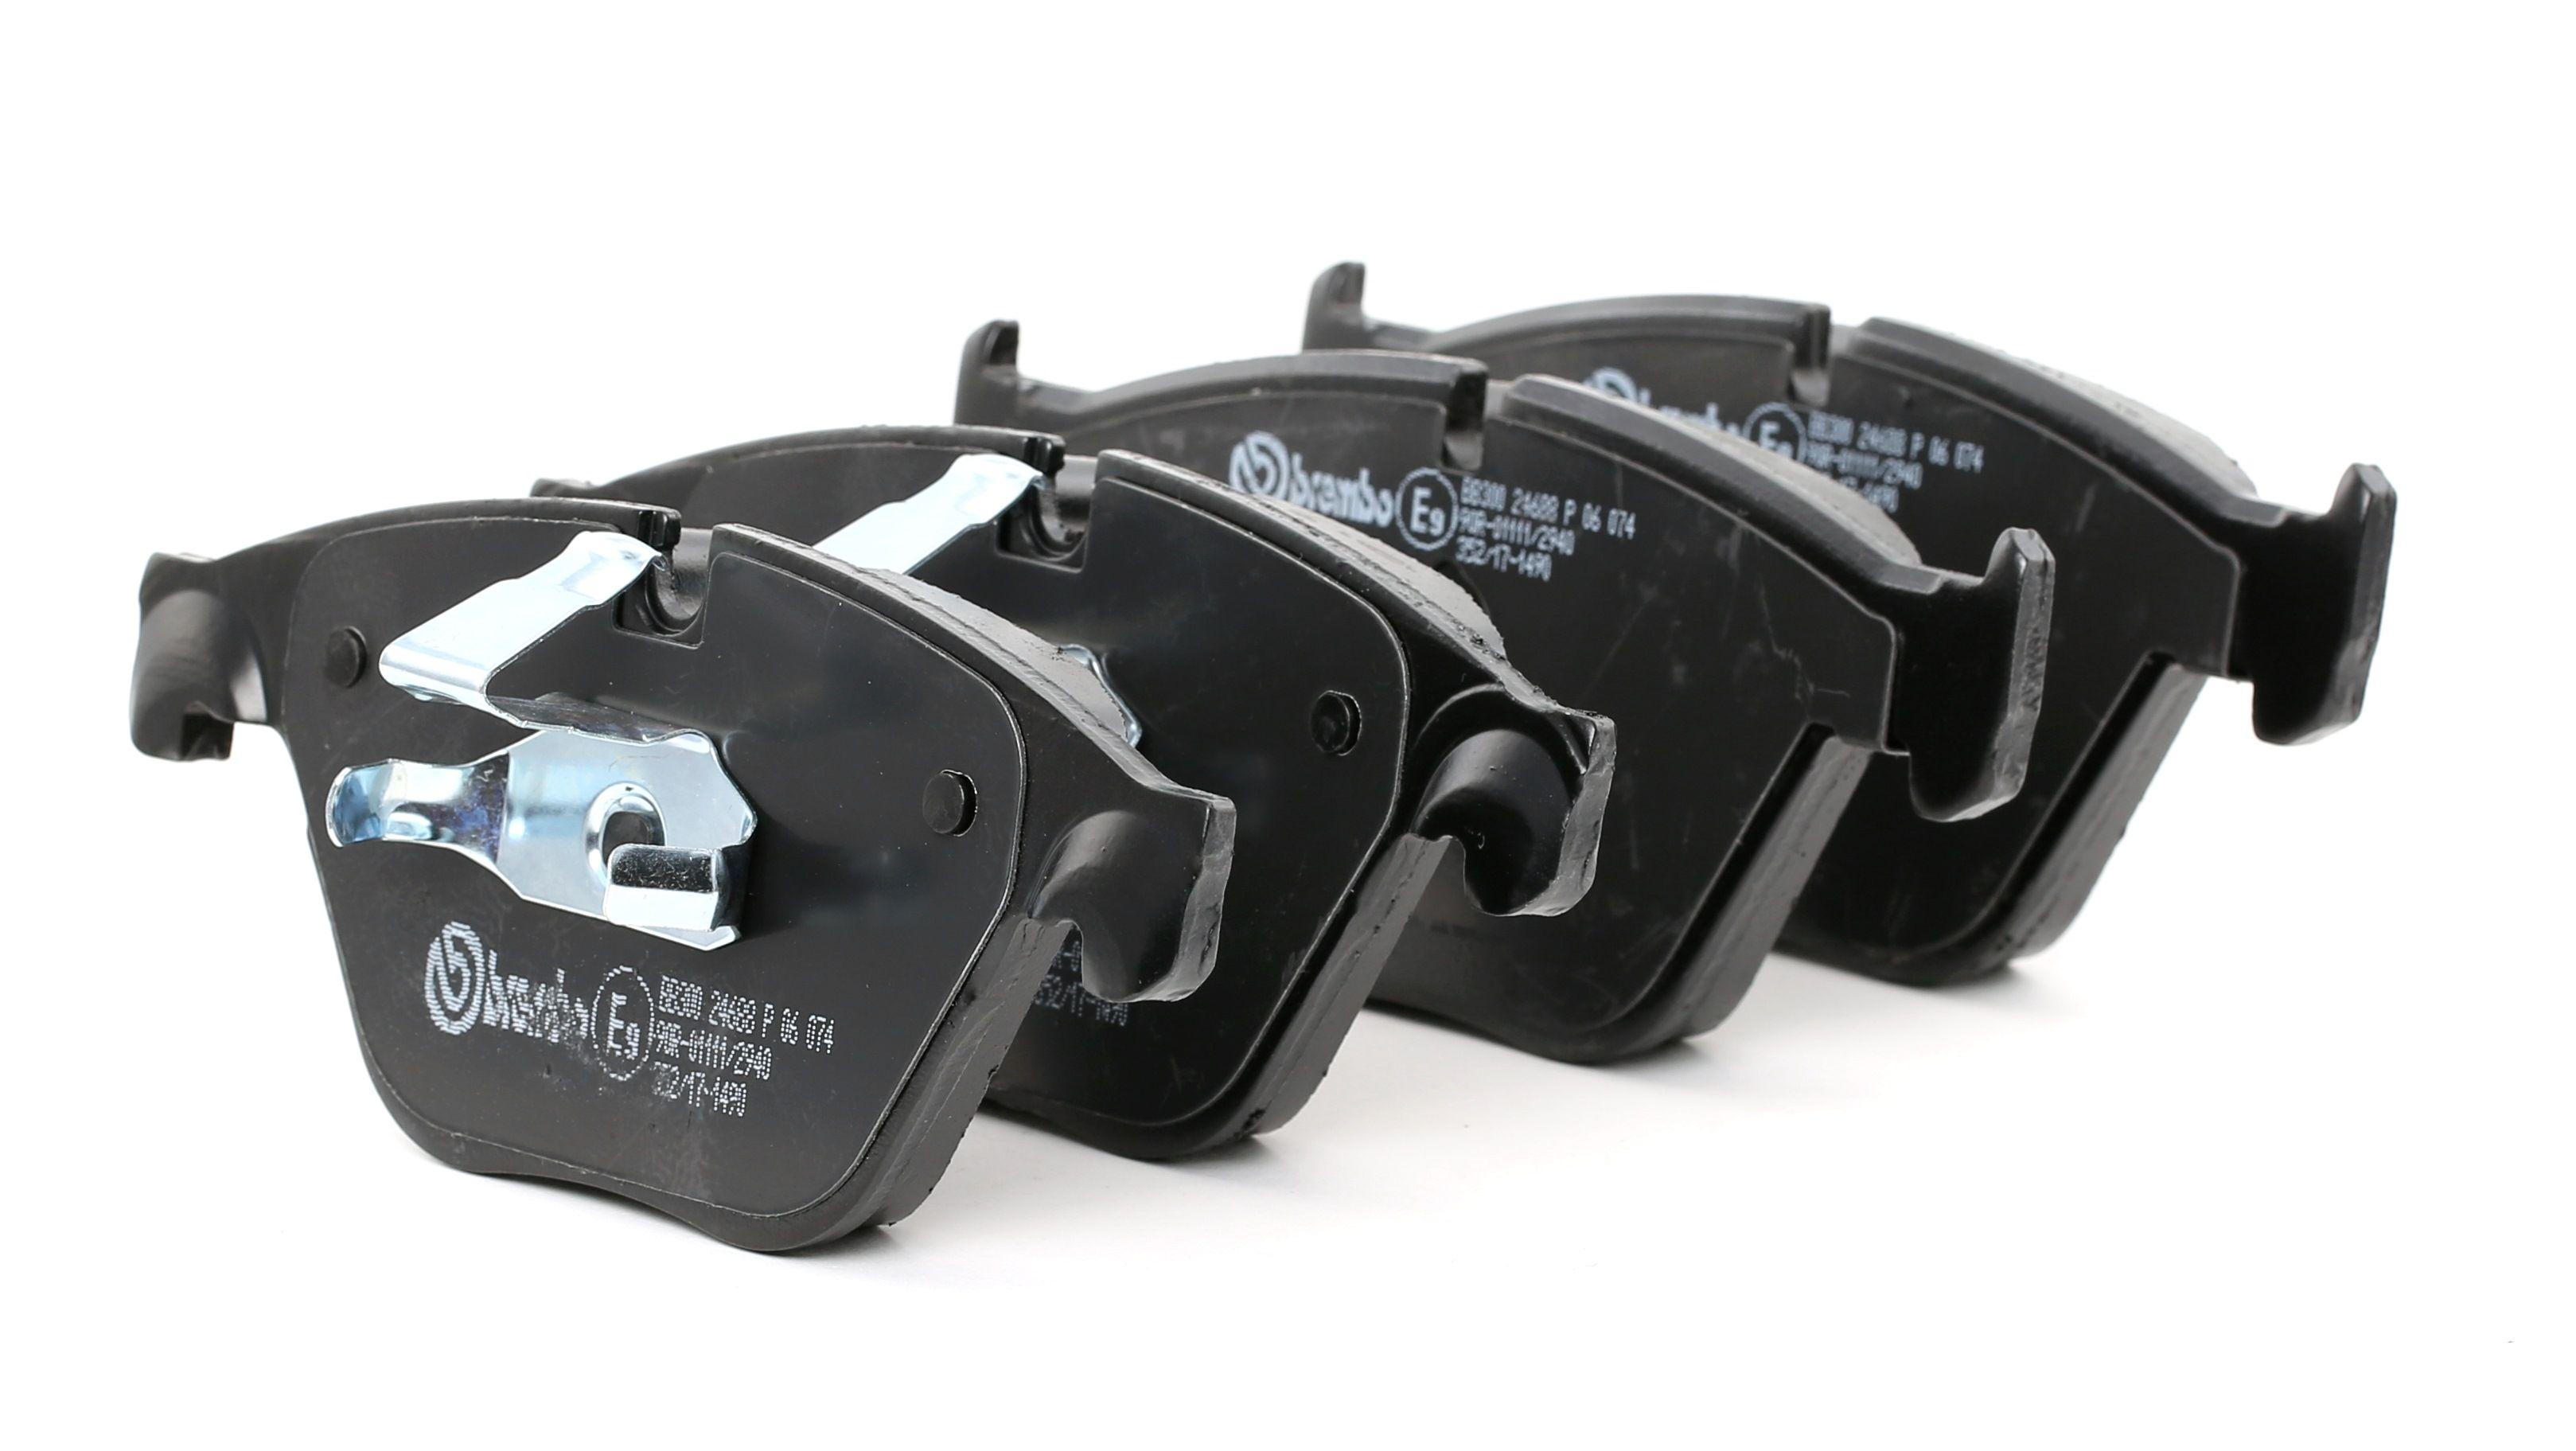 D15058706 BREMBO für Verschleißwarnanzeiger vorbereitet Höhe 1: 68,1mm, Höhe 2: 68,4mm, Breite 1: 155mm, Breite 2: 155,3mm, Dicke/Stärke 1: 19,2mm, Dicke/Stärke 2: 20,3mm Bremsbelagsatz, Scheibenbremse P 06 074 günstig kaufen